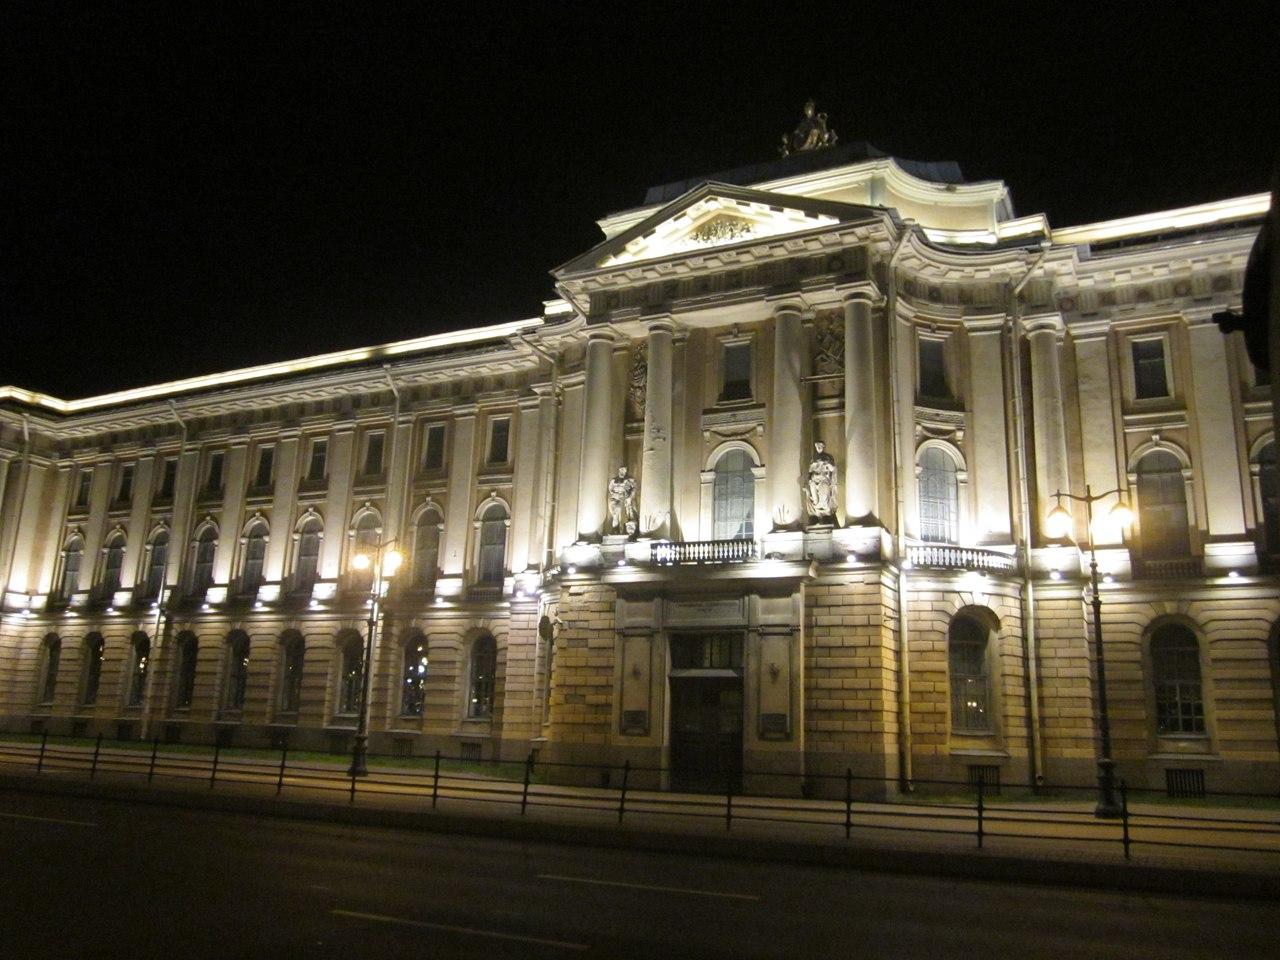 Ночной дворец. Малышева Наталья